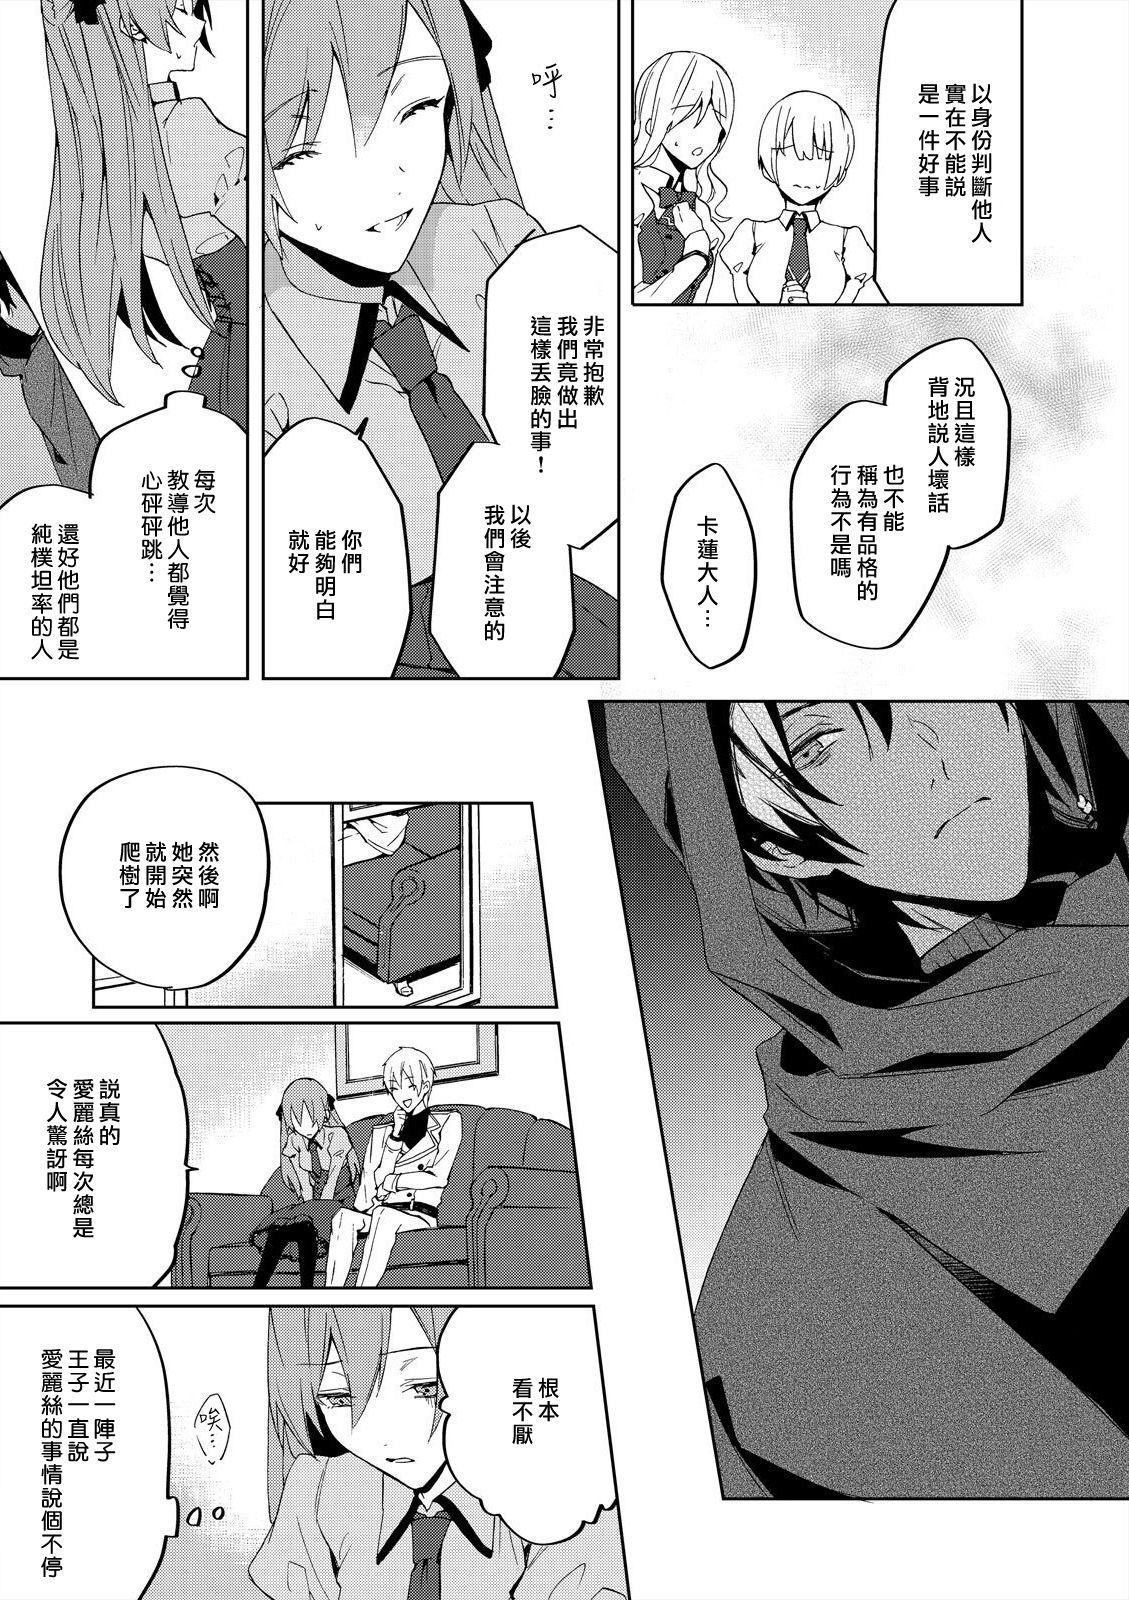 [Yuzushiwo] Akuyaku Reijou wa Ichizu ni Dekiai sarete ~Noumitsu Sex no Aite wa Juuboku~ | 被疯狂溺爱的反派大小姐~浓密性爱对象是仆从~ 1-4 [Chinese] [莉赛特汉化组] 22